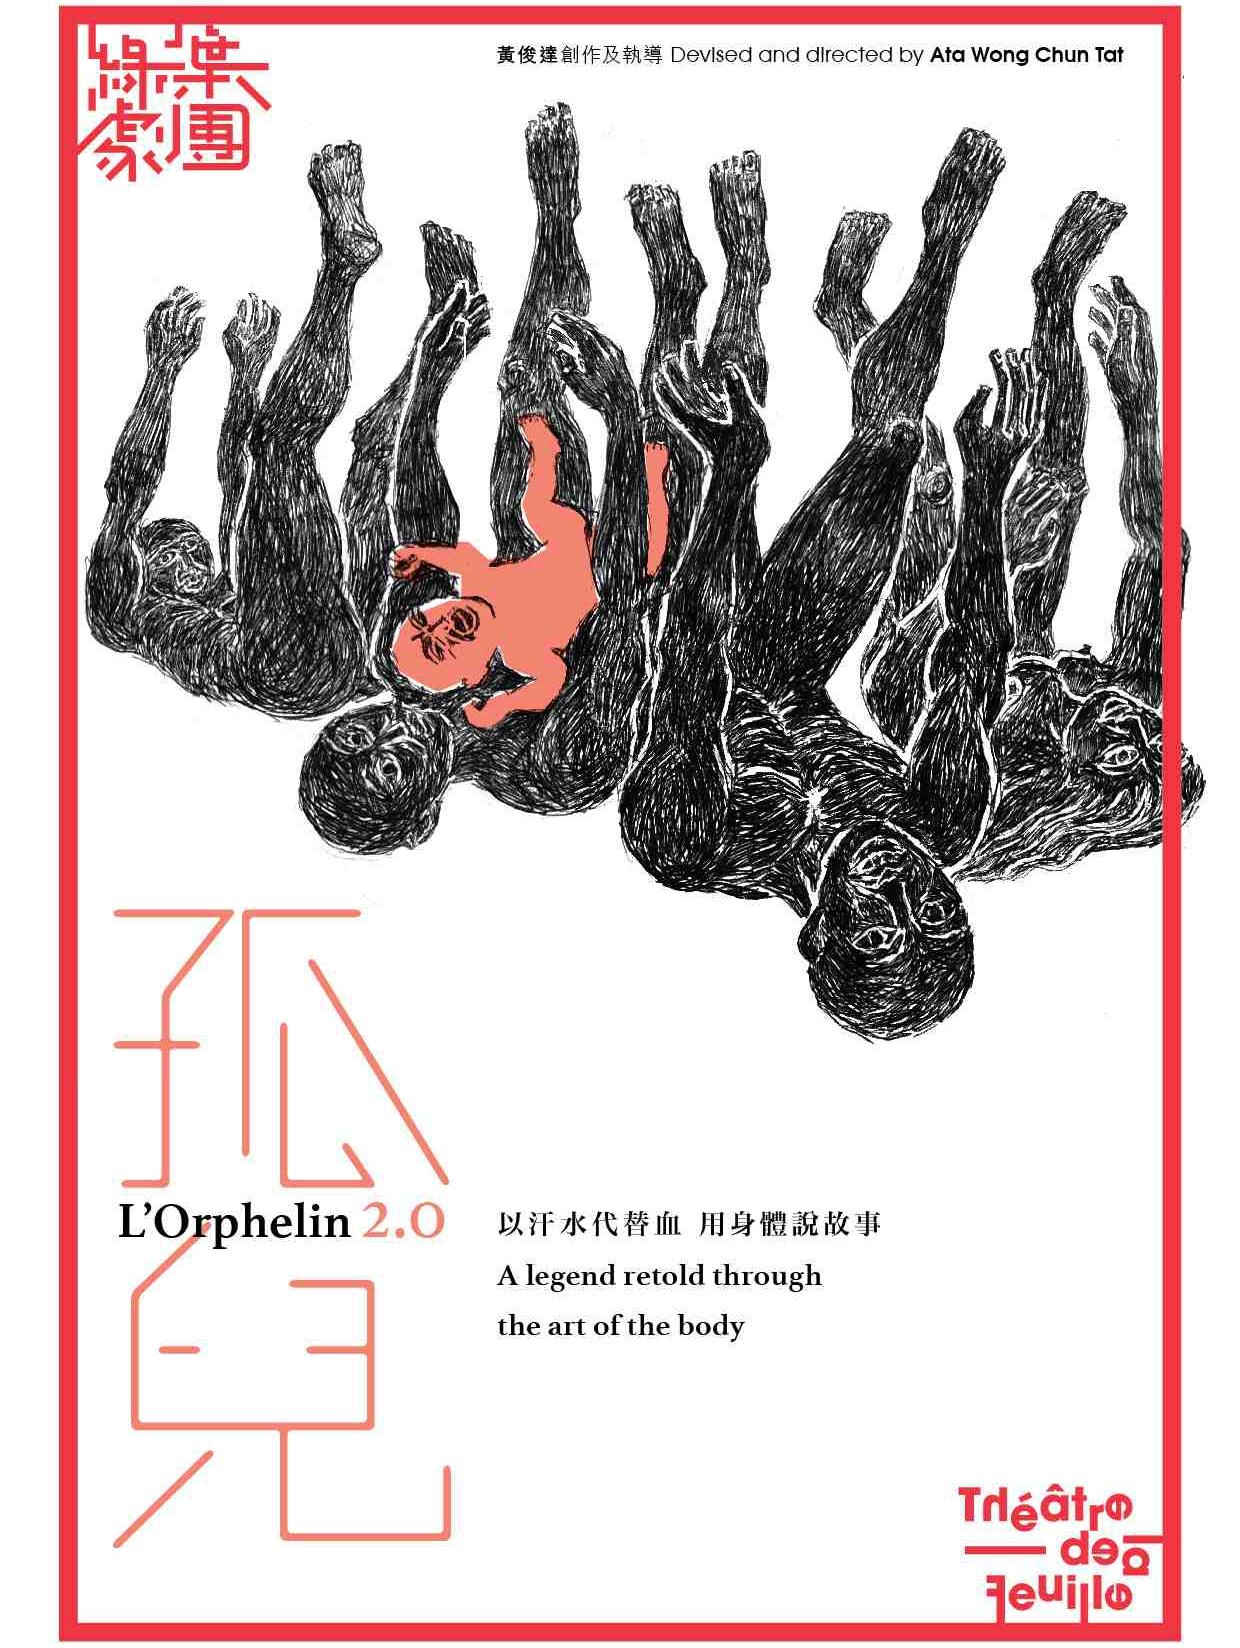 2017第四届城市戏剧节 乌镇戏剧节五星推荐 · 香港绿叶剧团肢体剧《孤儿2.0》  北京站